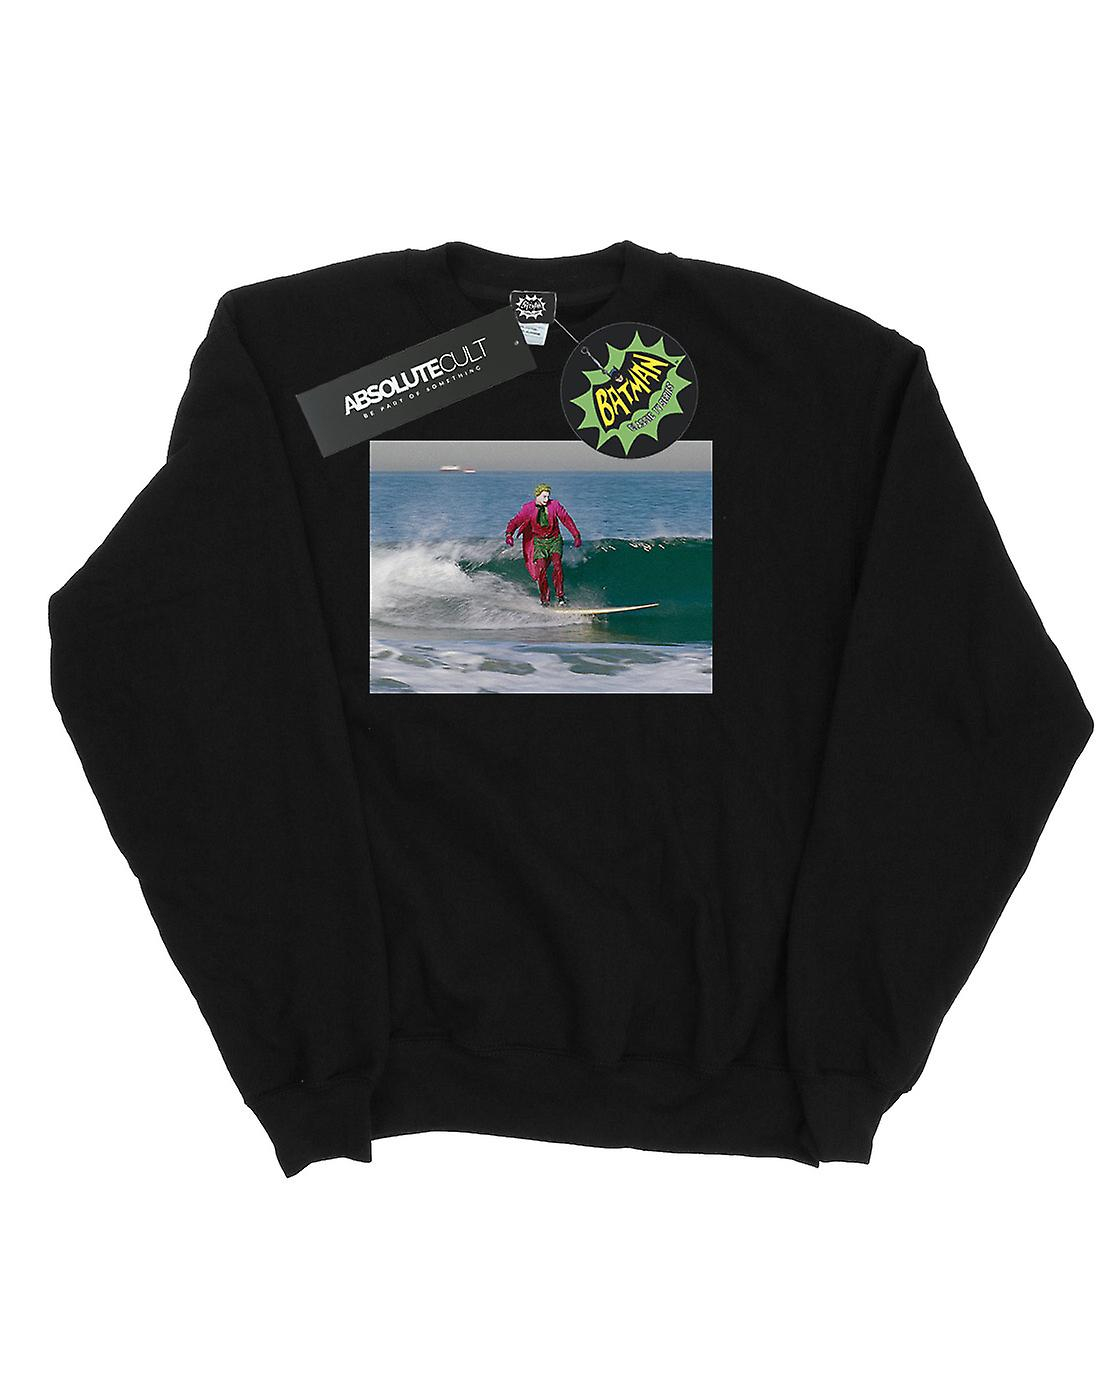 DC Comics Men's Batman TV Series Joker Surfing Sweatshirt